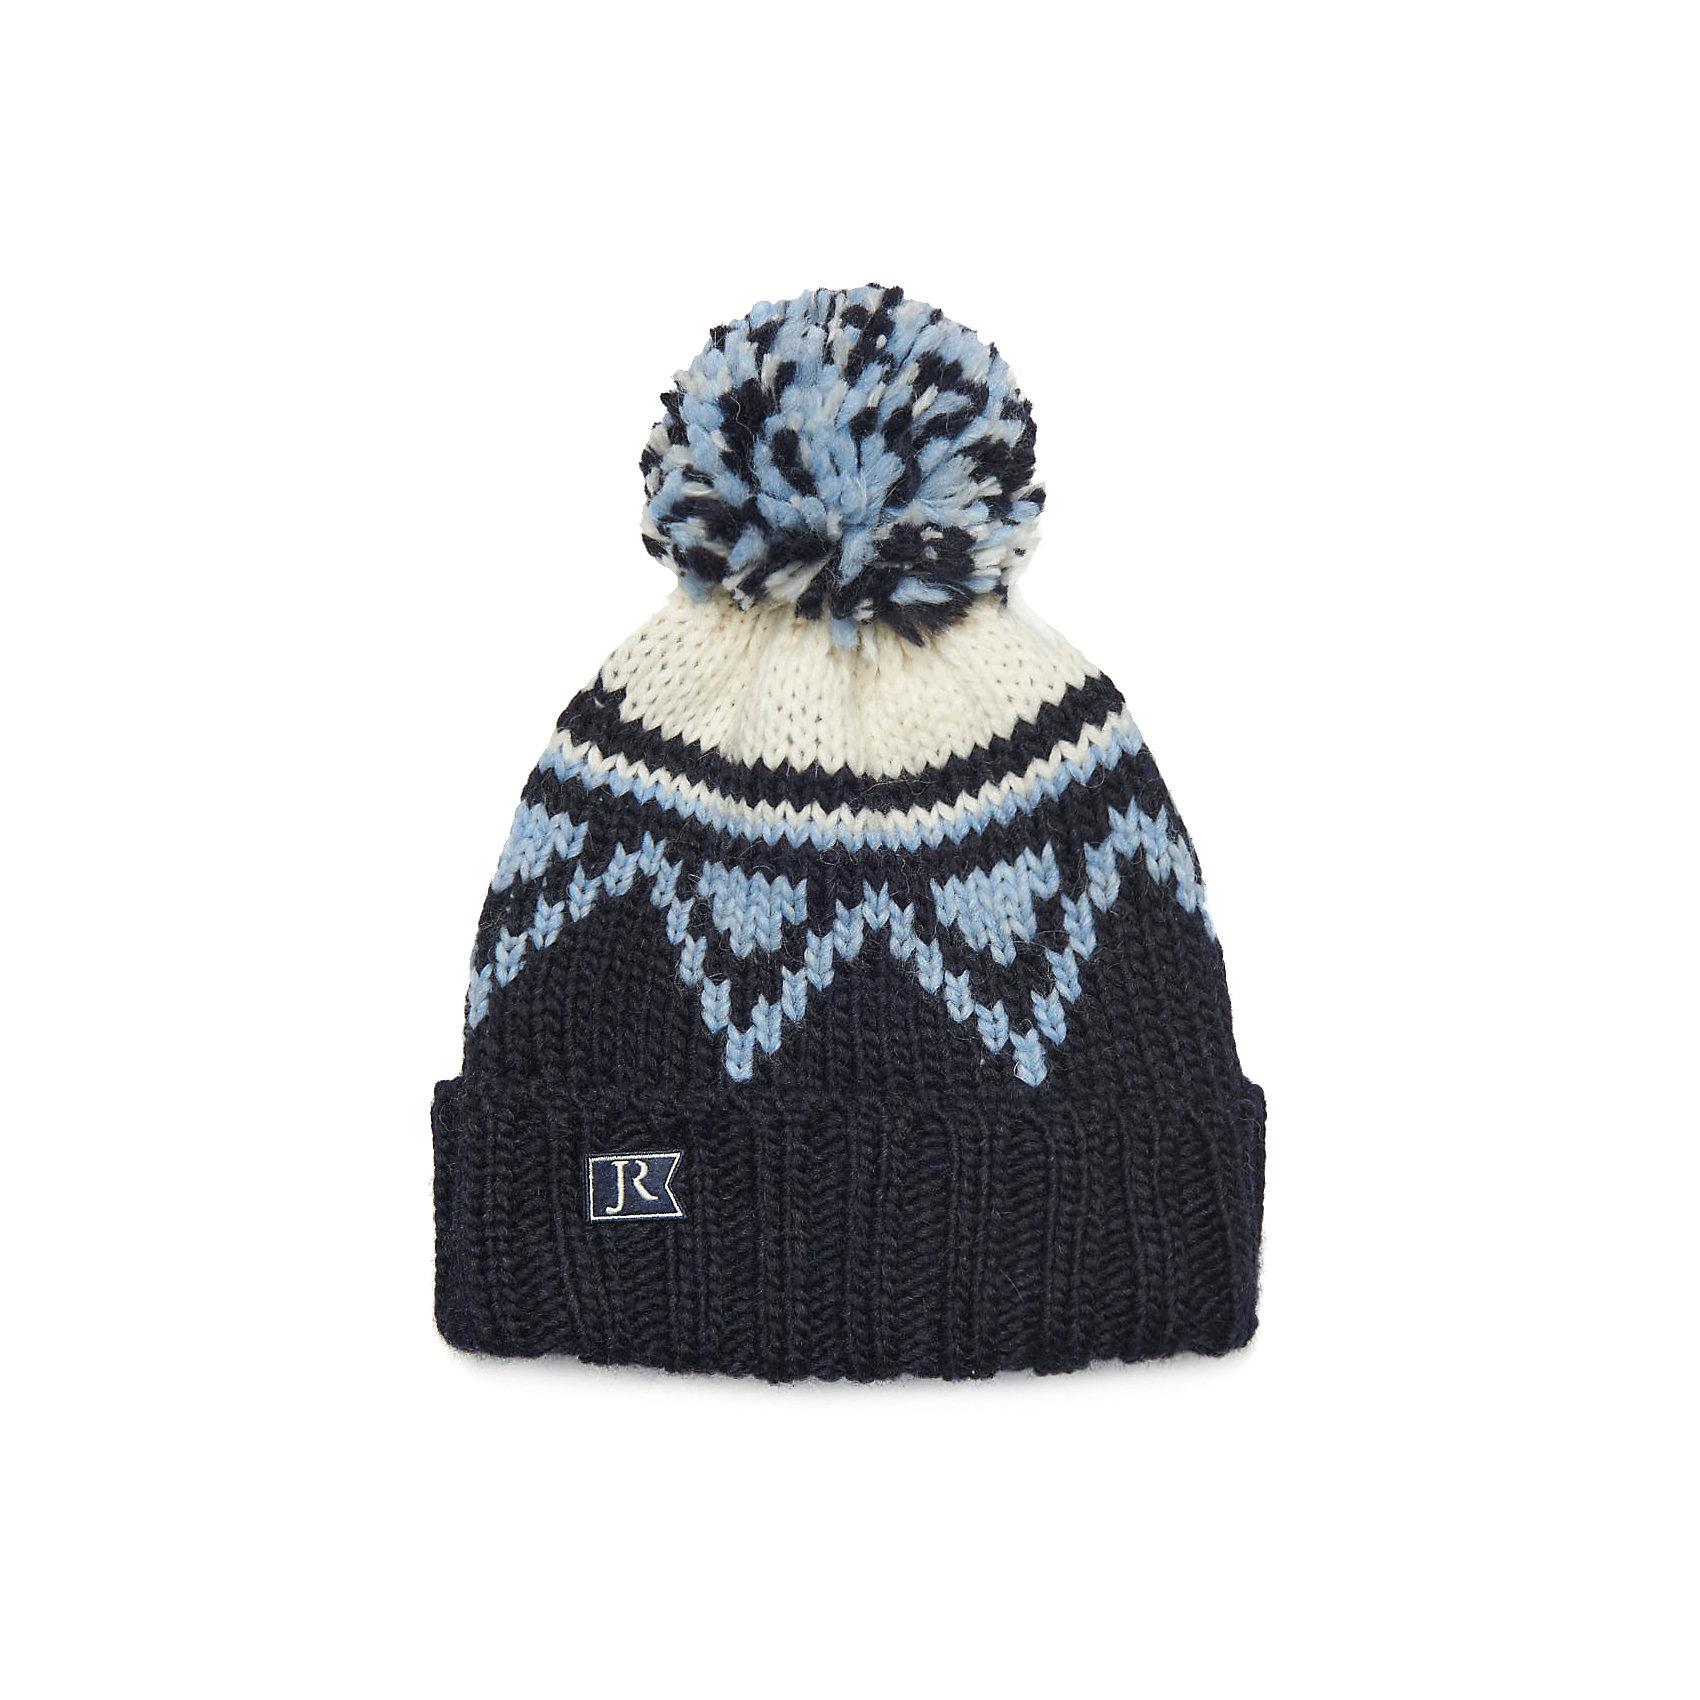 Junior Republic Шапка для мальчика Junior Republic шапки mialt шапка